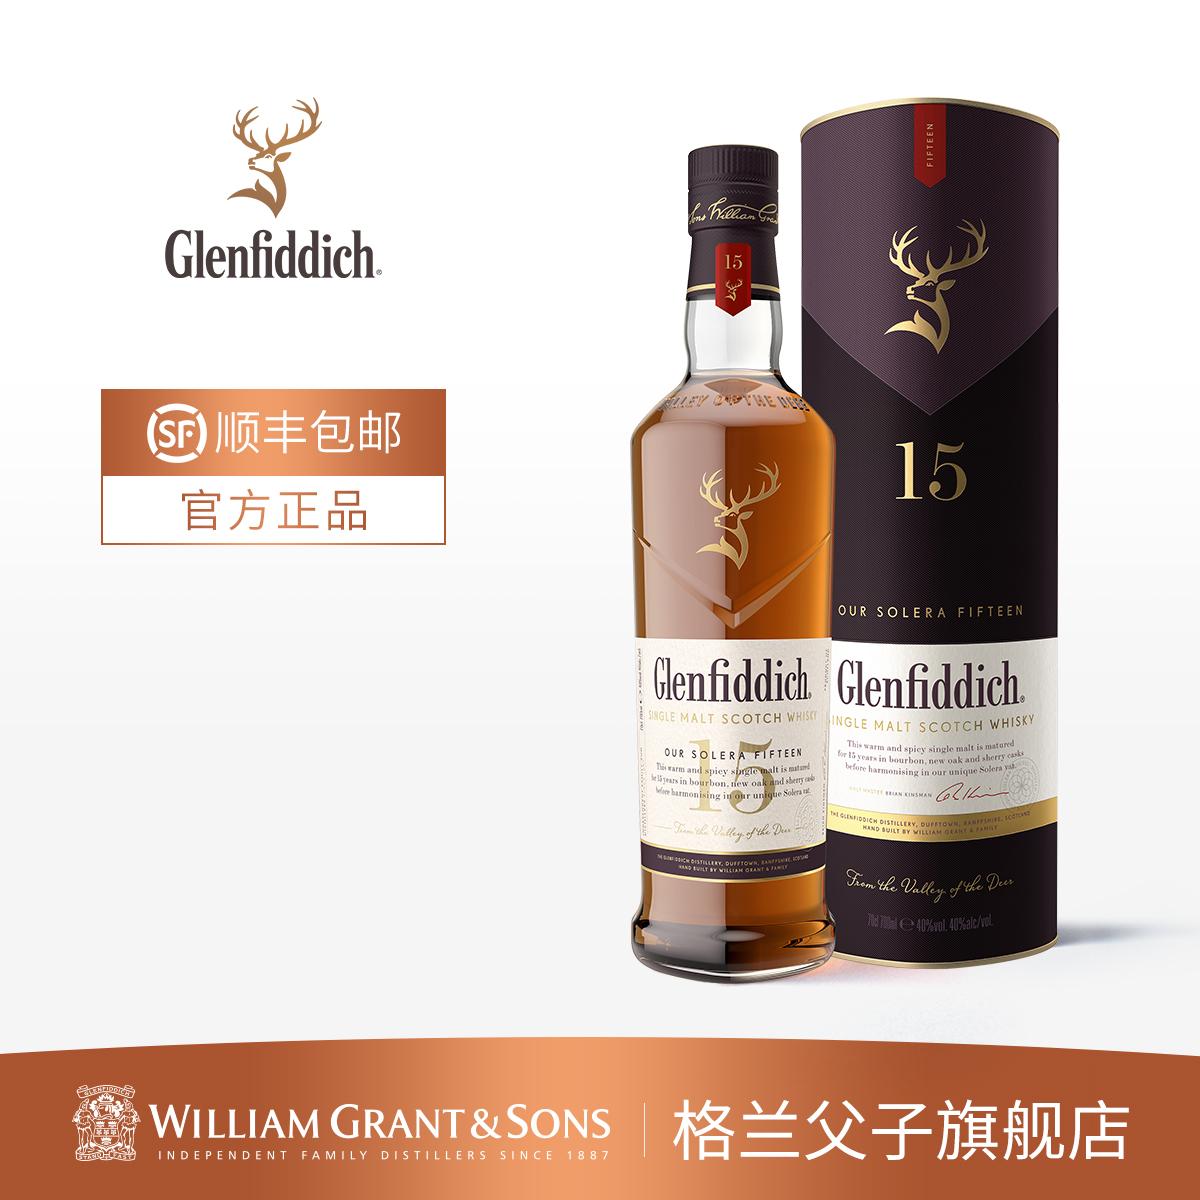 格兰菲迪15年单一麦芽苏格兰威士忌进口洋酒700ml